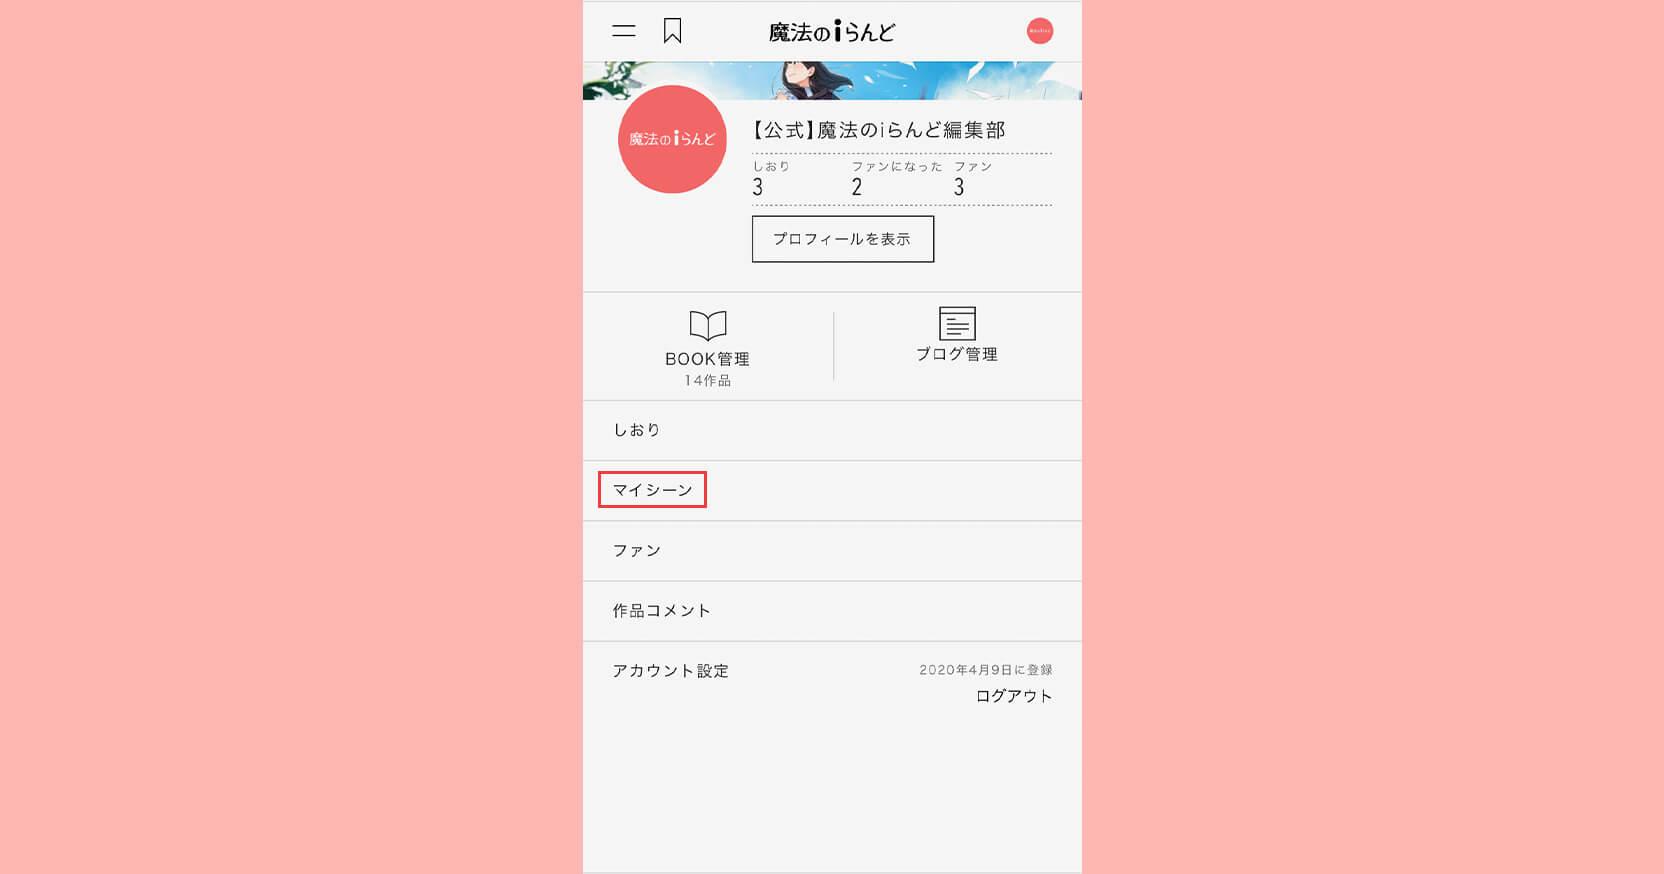 https://storage.googleapis.com/blog-info/entry/2021/03/scene_blog_ogp2_2.jpg